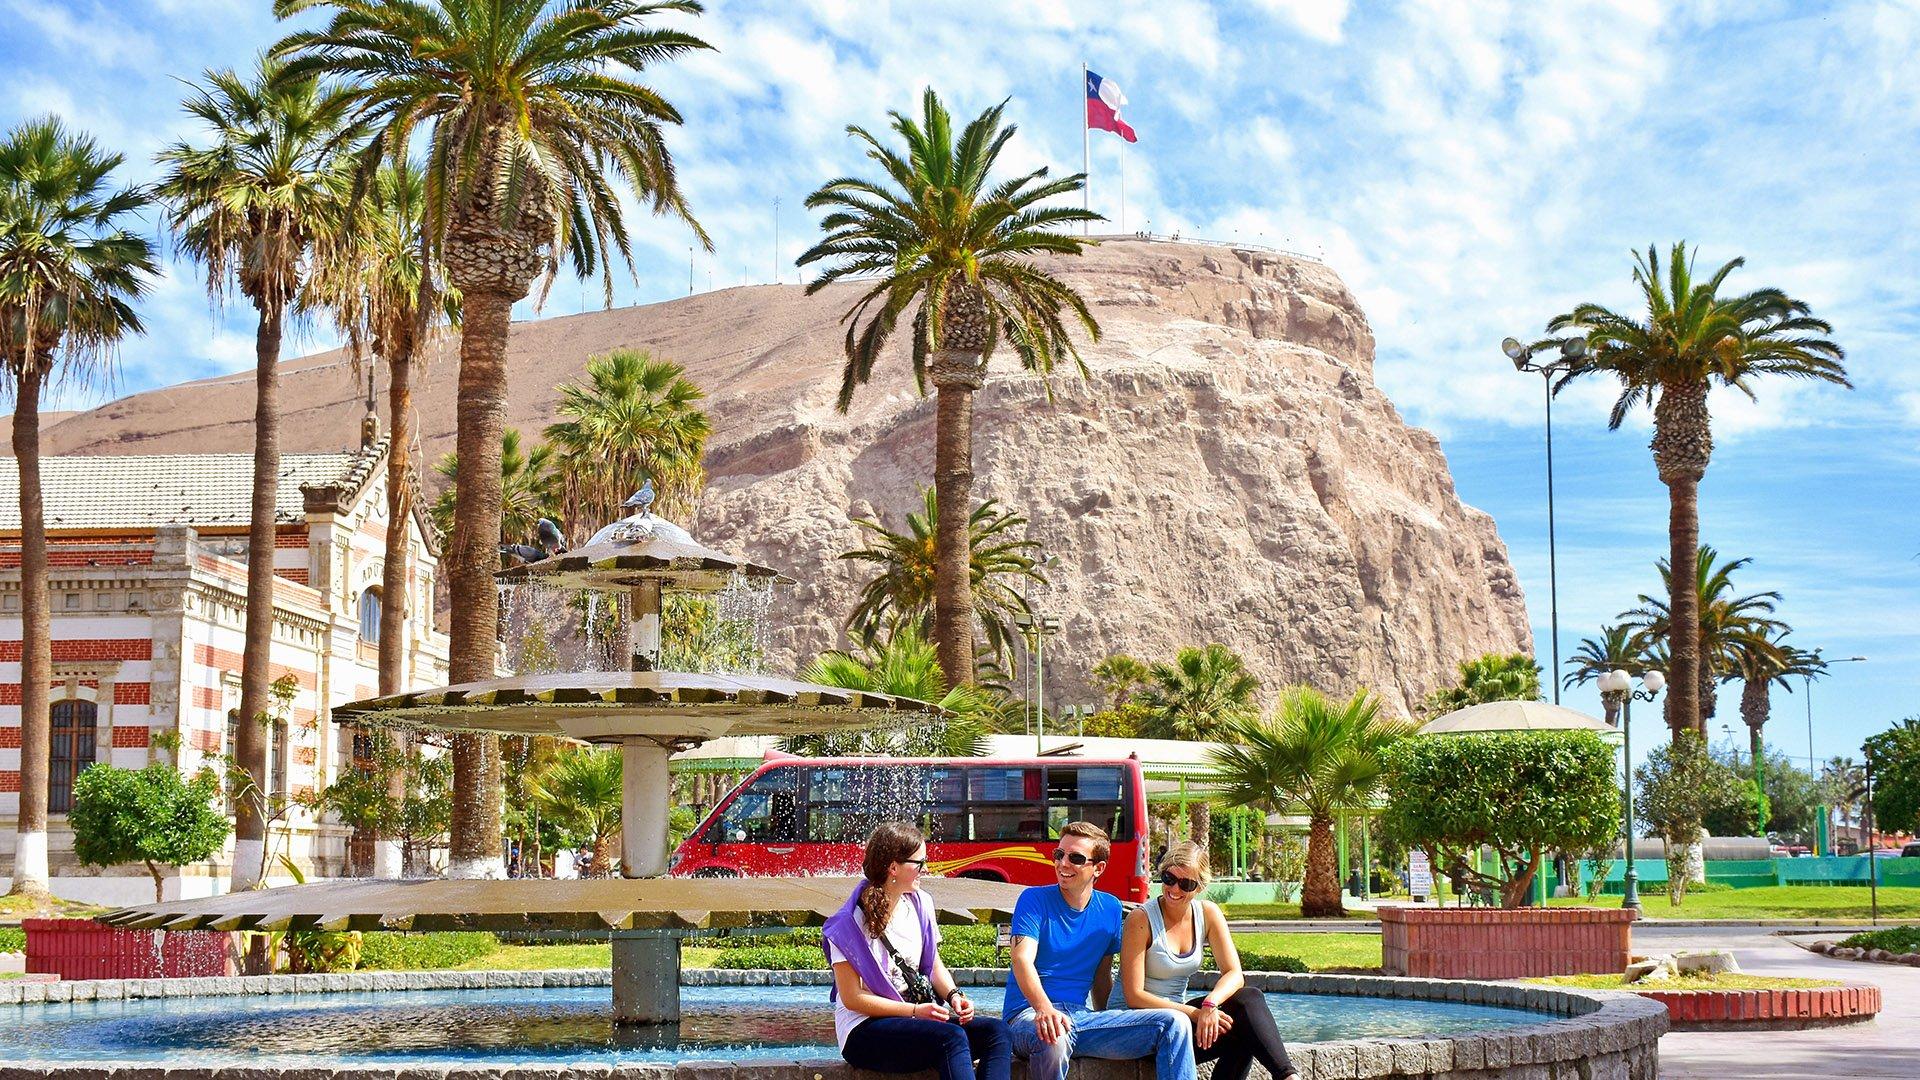 ee12fd388540 Qué hacer en un viaje de 3 días por Arica en Chile? Playa, sol y ...